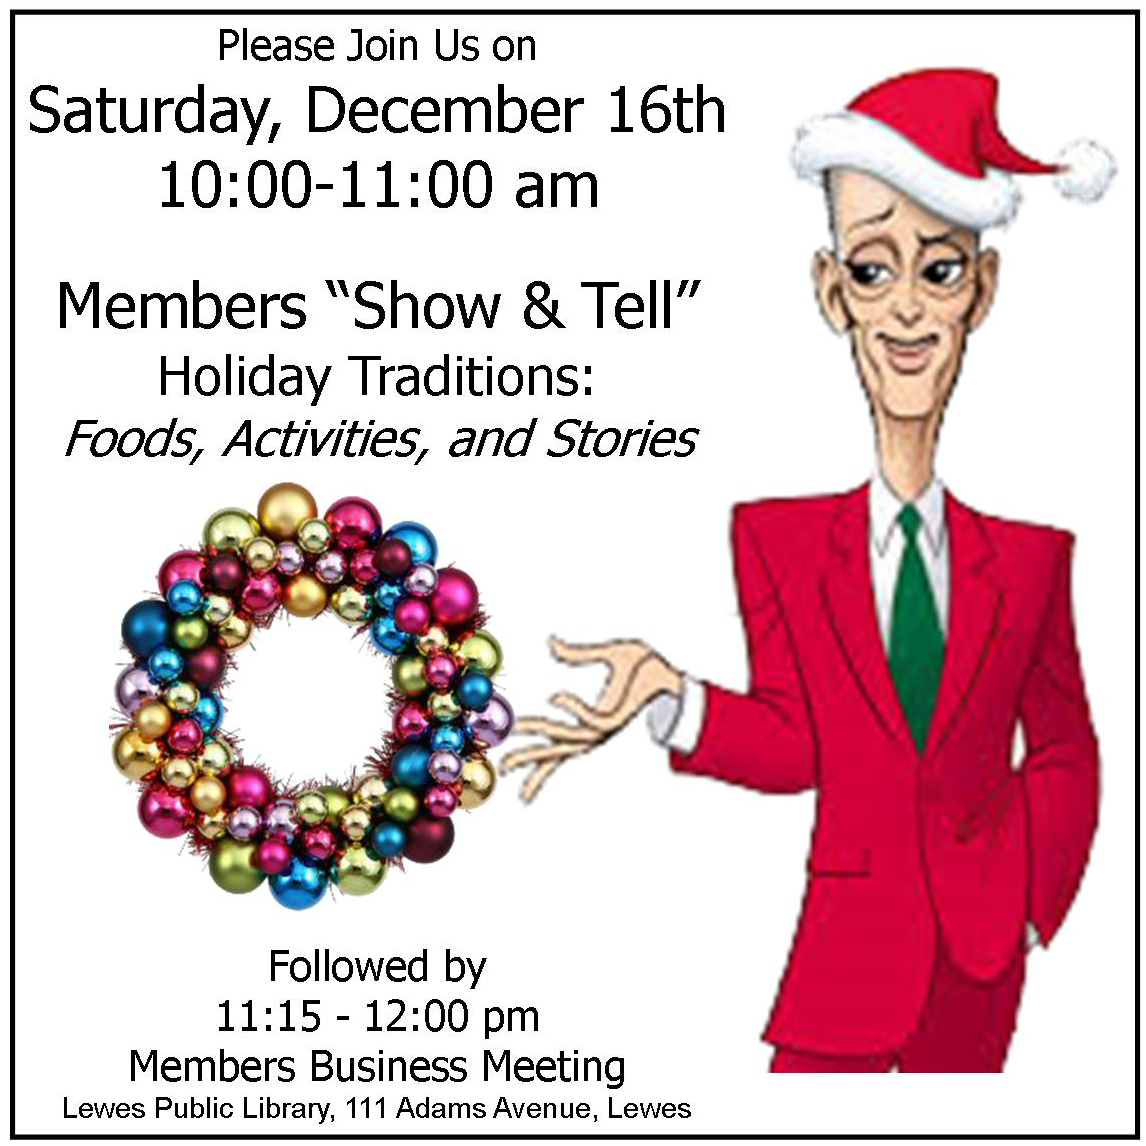 https://scgsdelaware.org/upload/events/images/1512581939_DecemberGeneralMeeting(santaguy).png